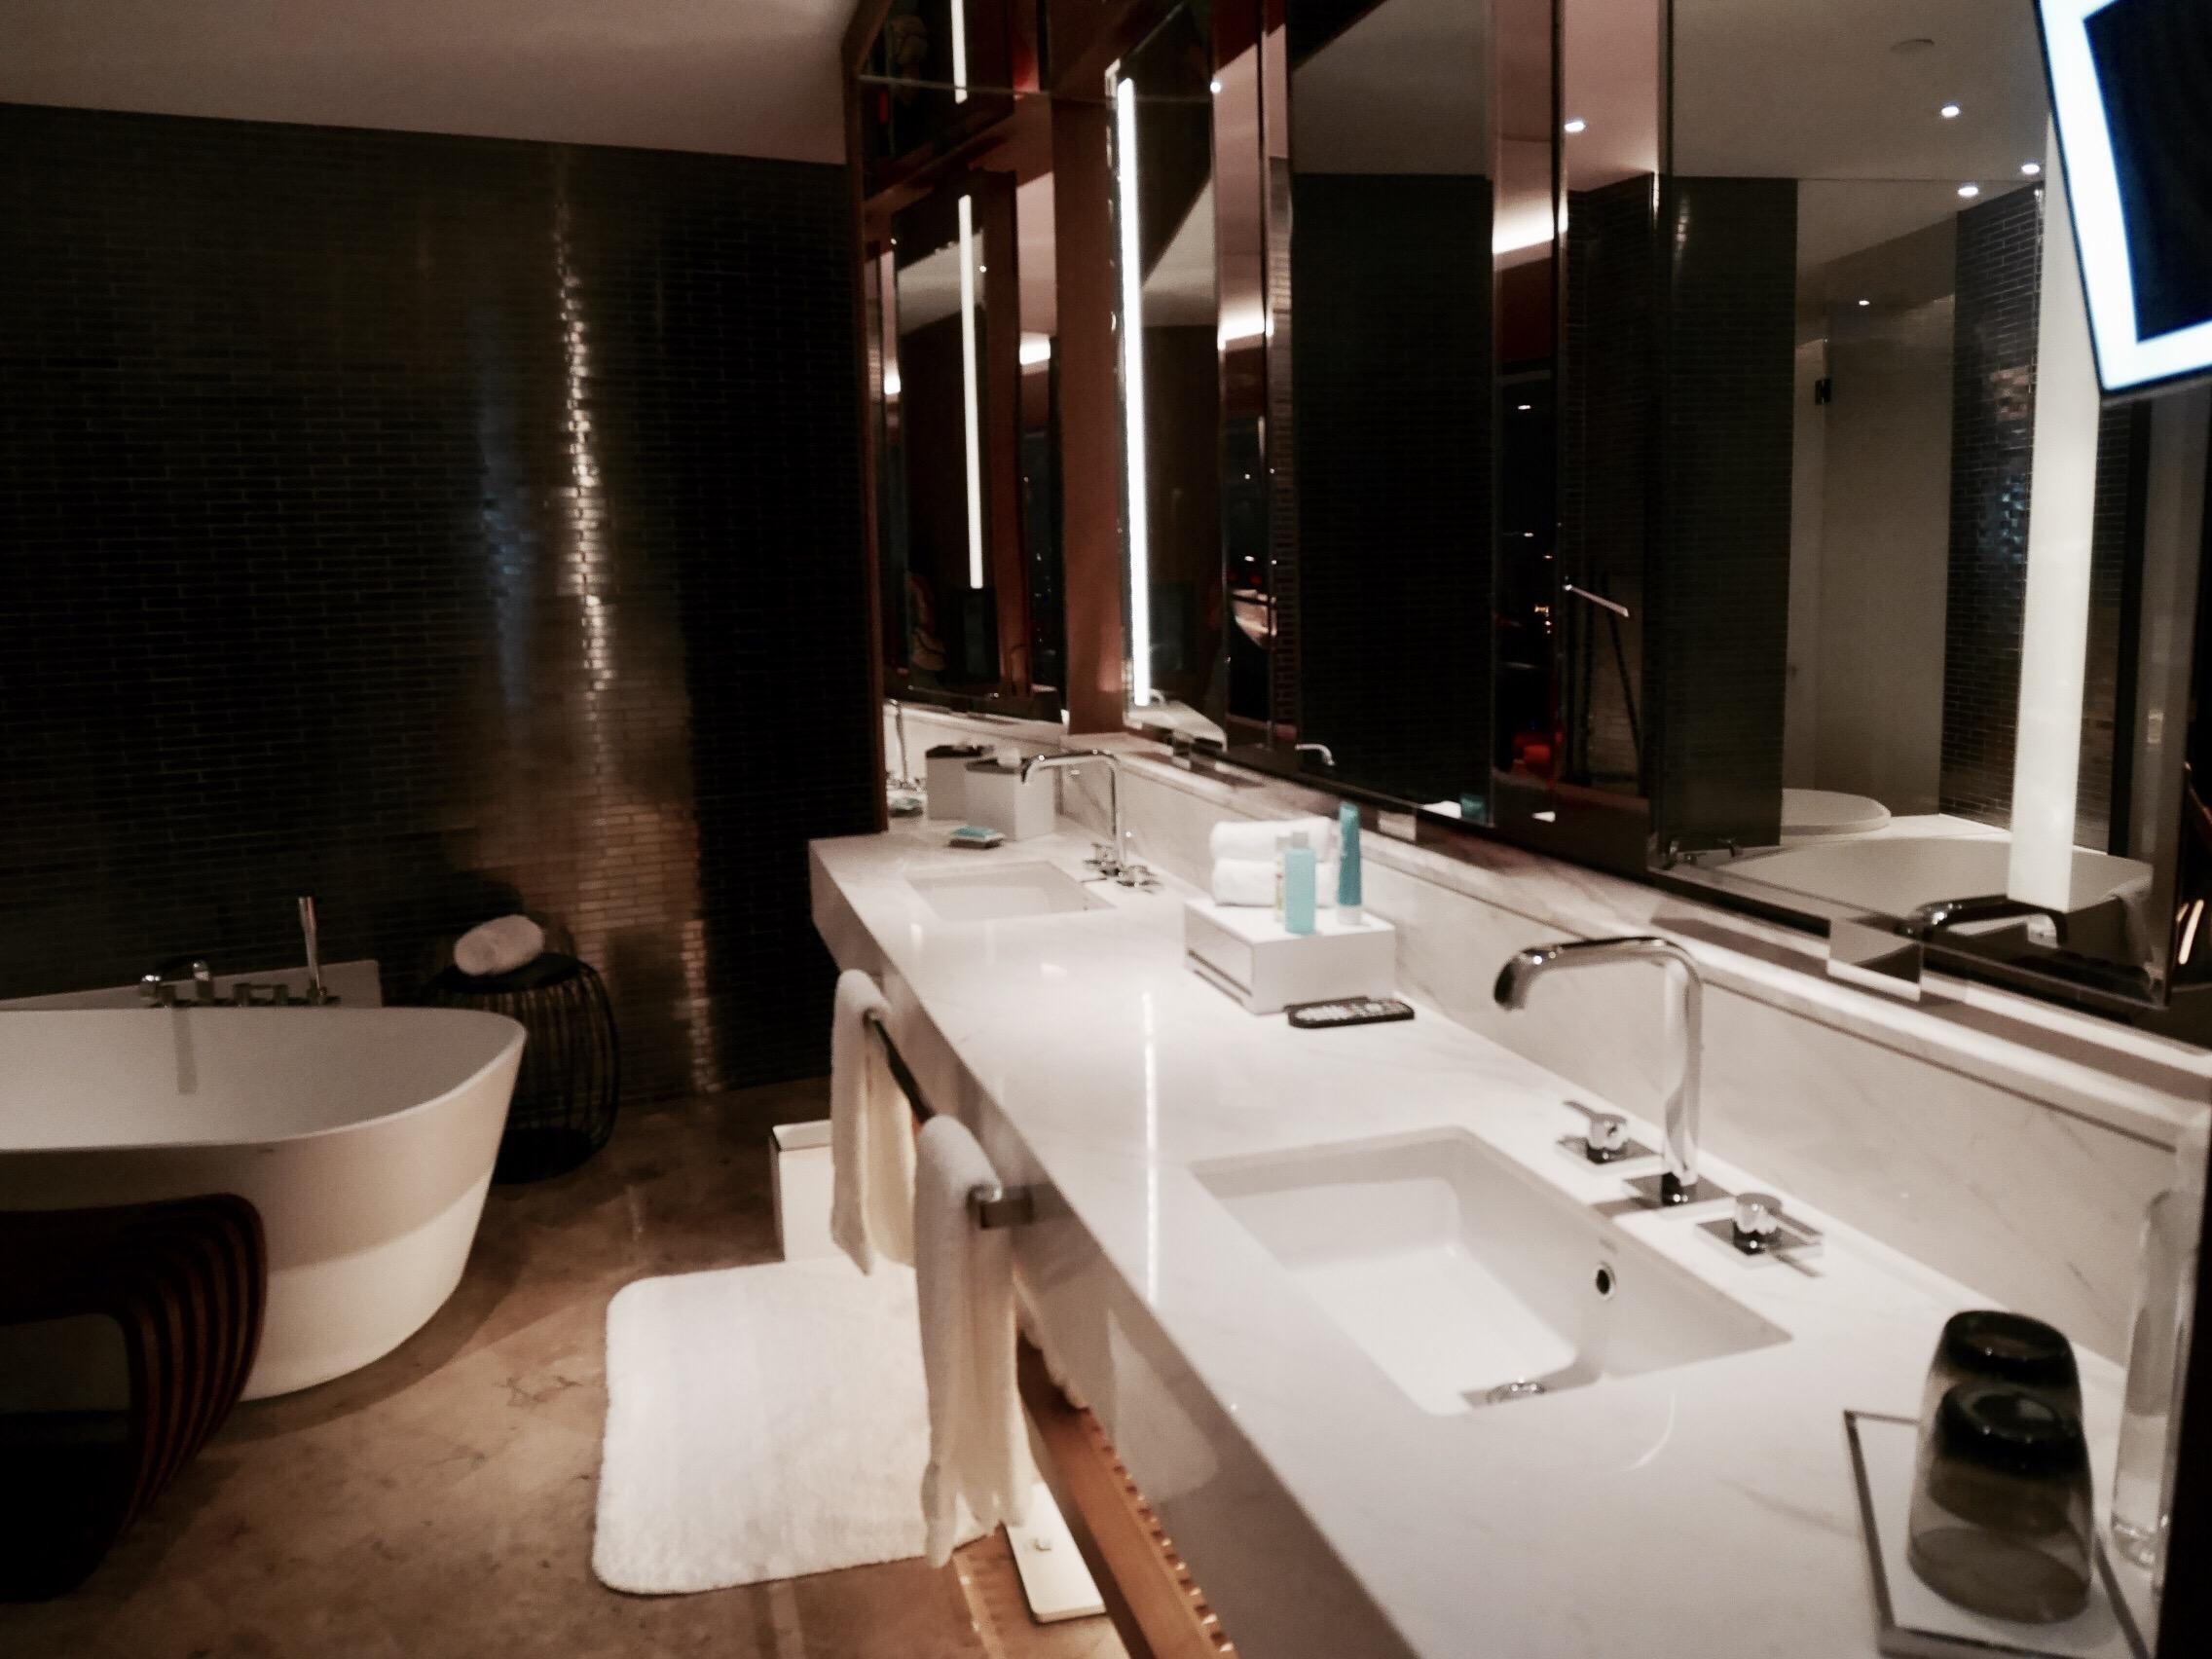 img 6875 1 - W HOTEL - 上海No.1の景色を楽しむホテル